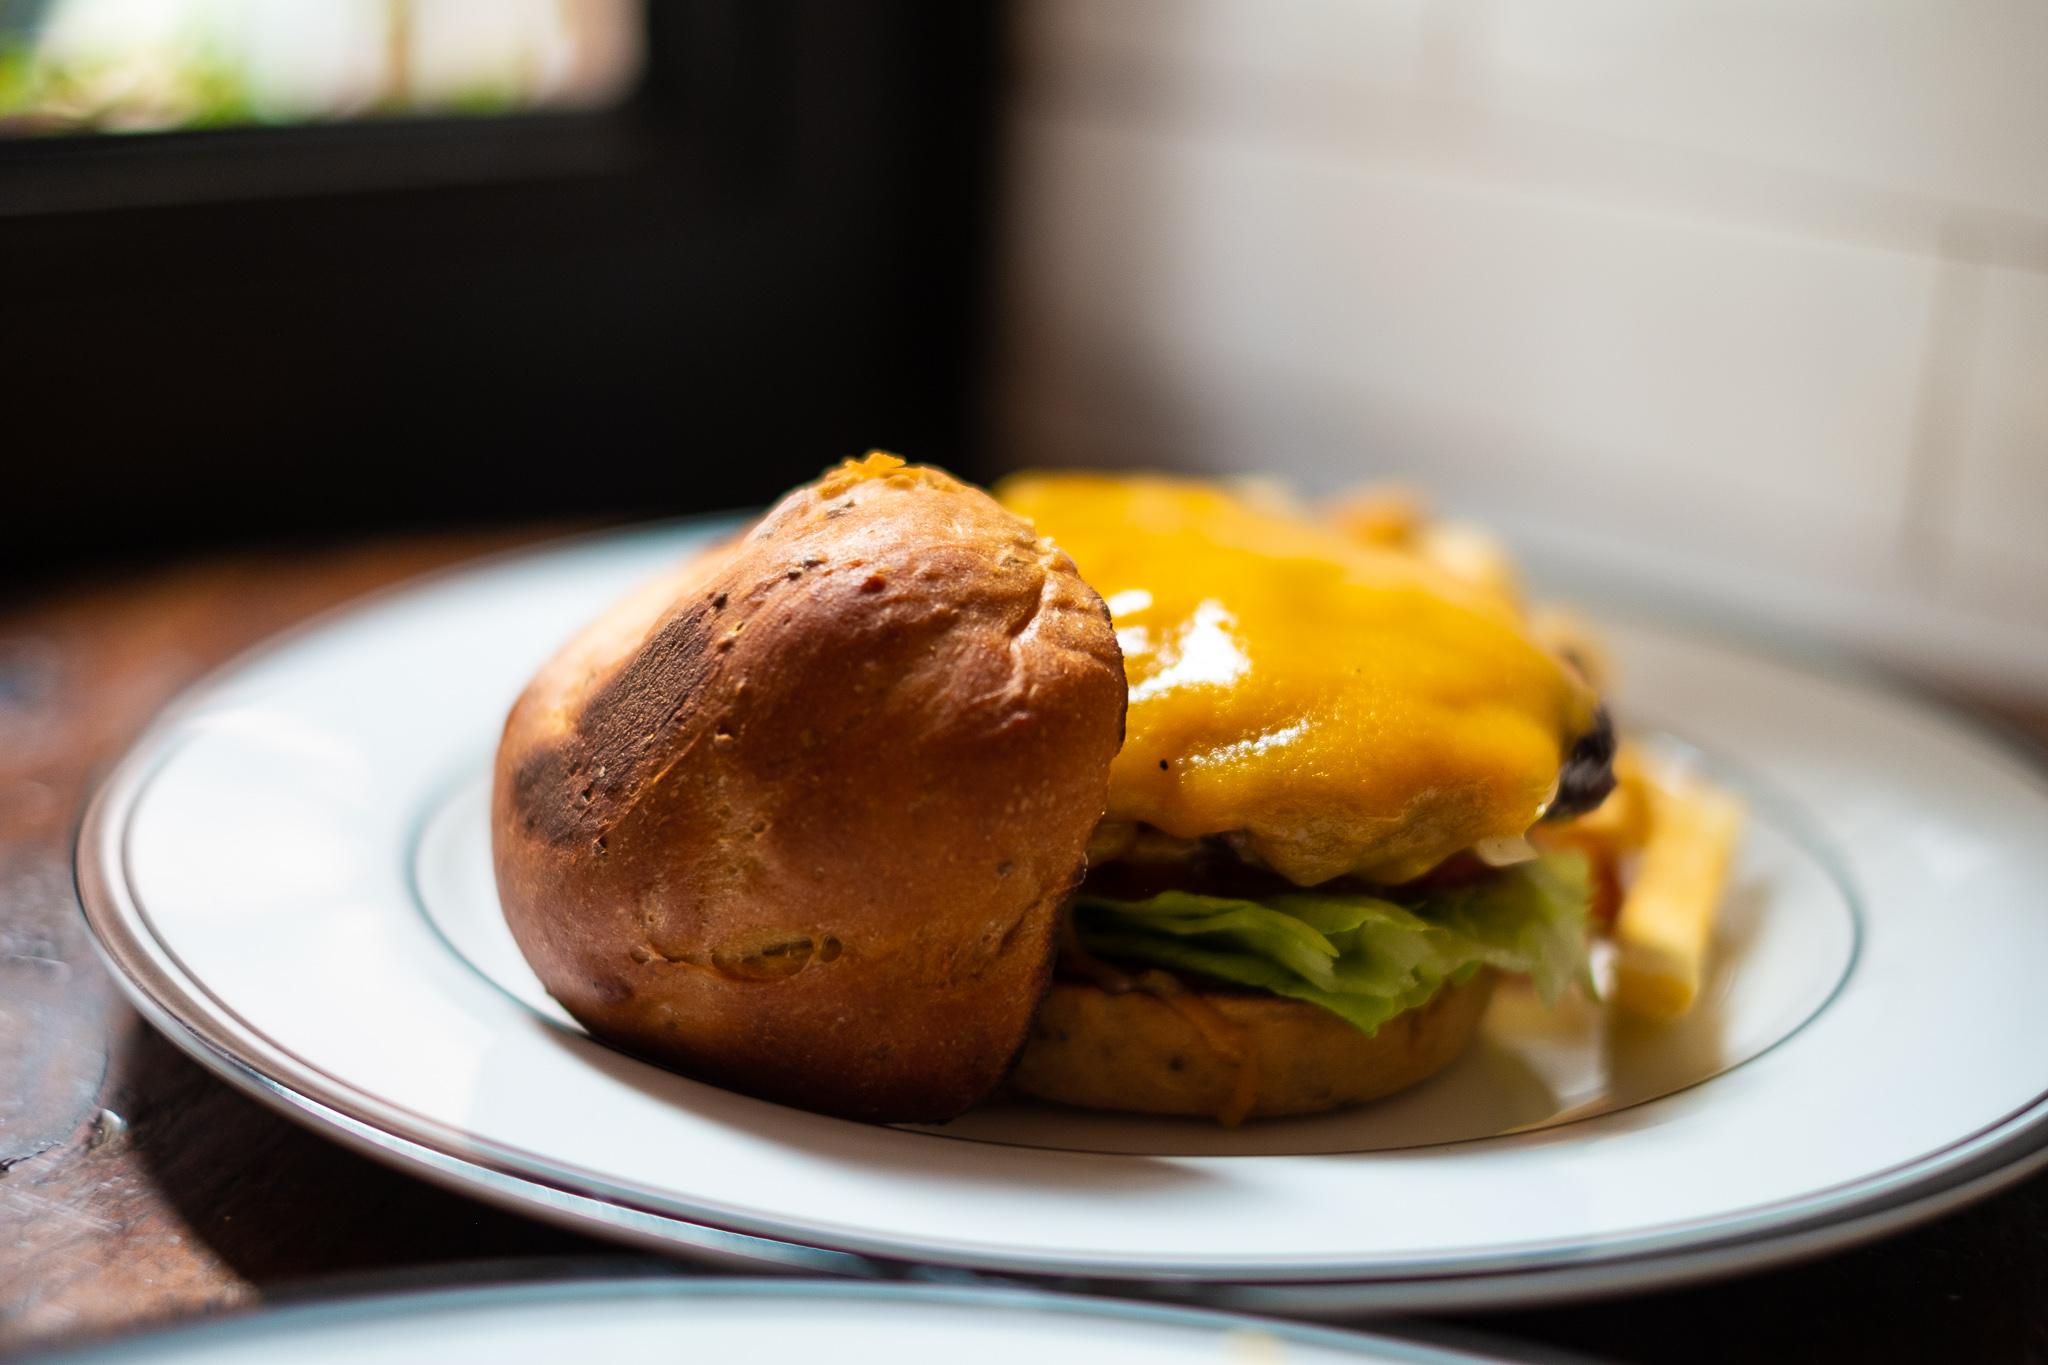 日本発の完全栄養食「ベースブレッド」とコラボした「健康すぎるバーガー」を食べてみた